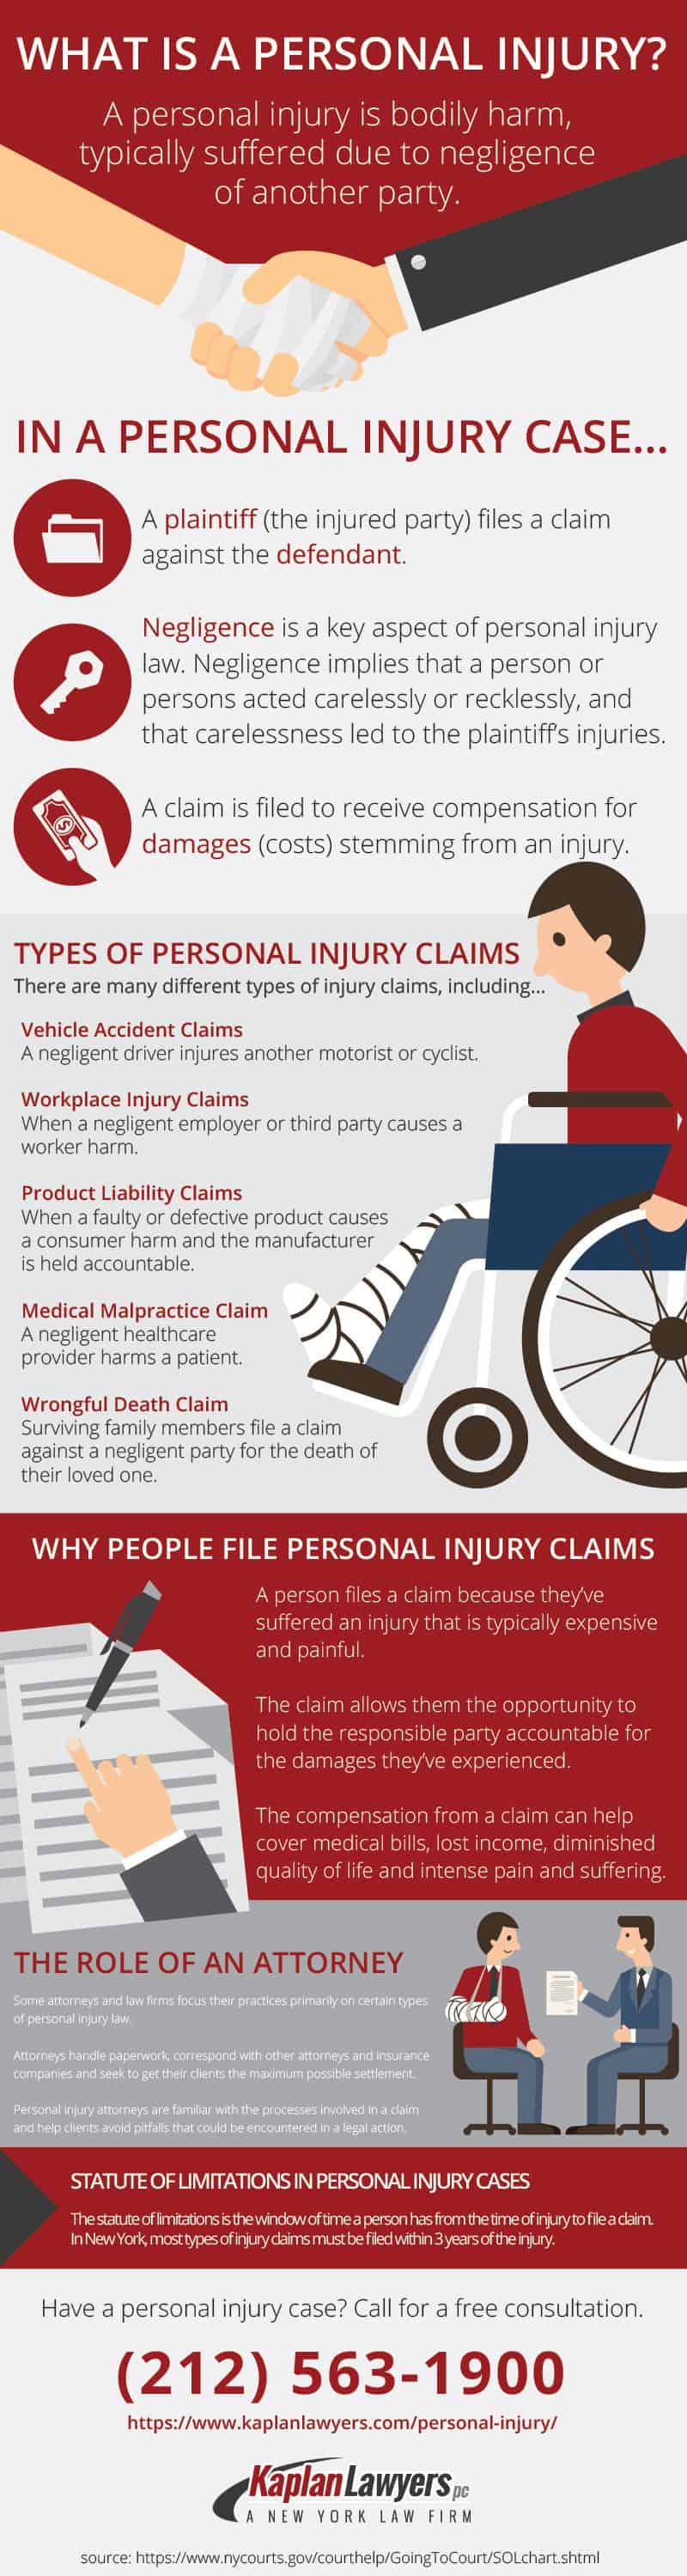 Kaplan Personal Injury Infographic